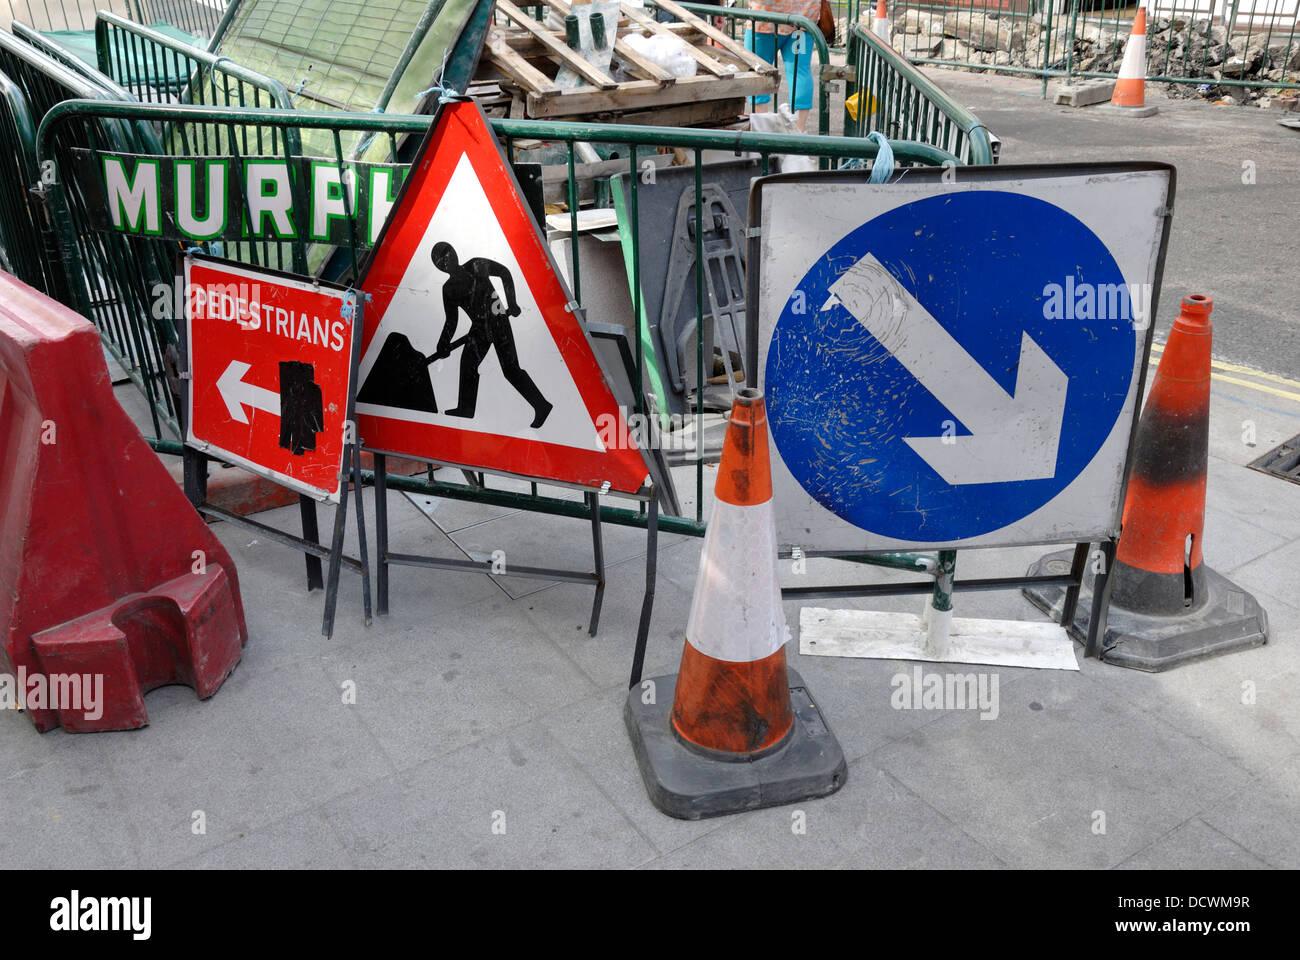 London, England, UK. Roadworks - Stock Image